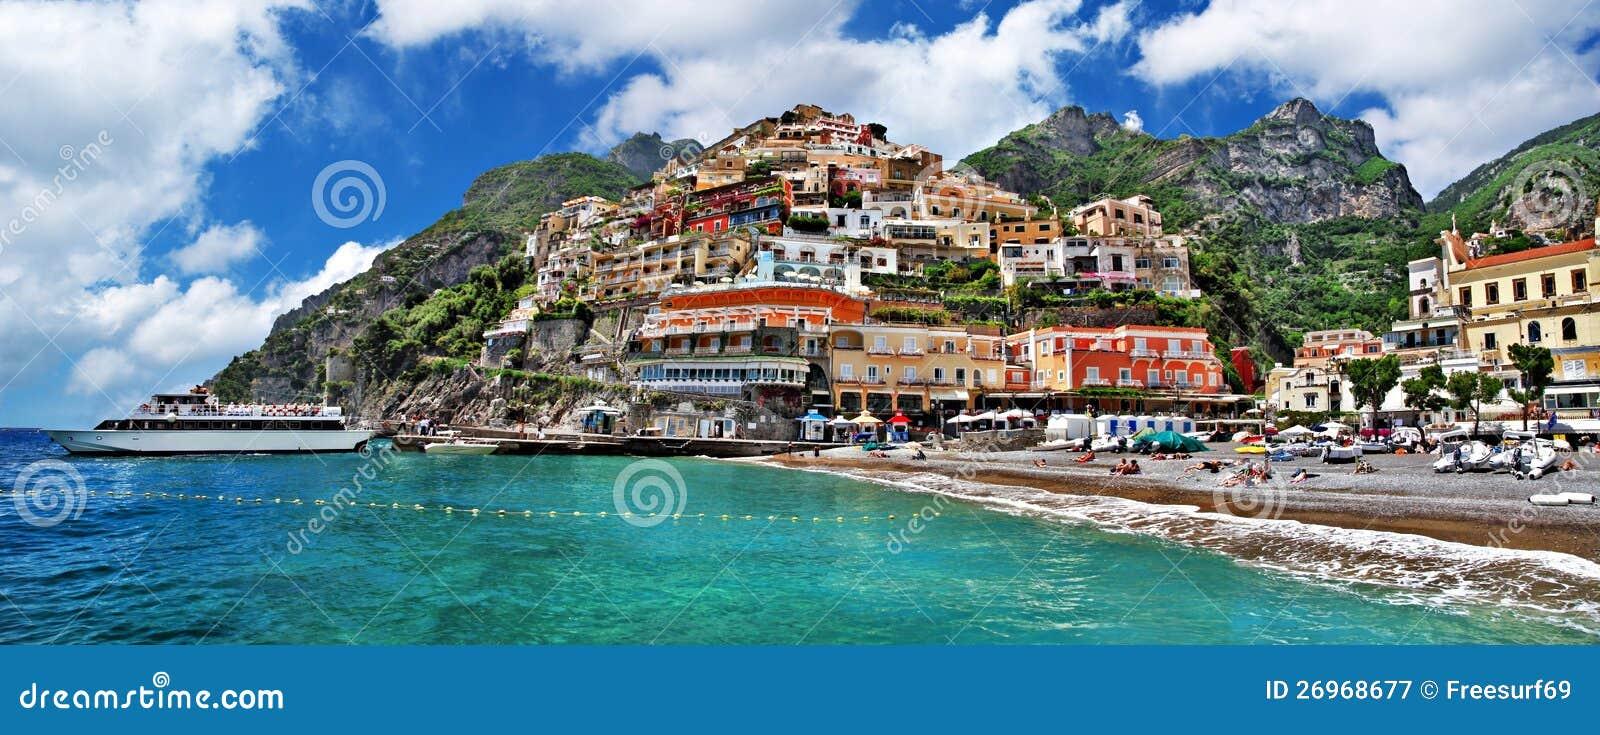 Прибрежная Италия - Positano